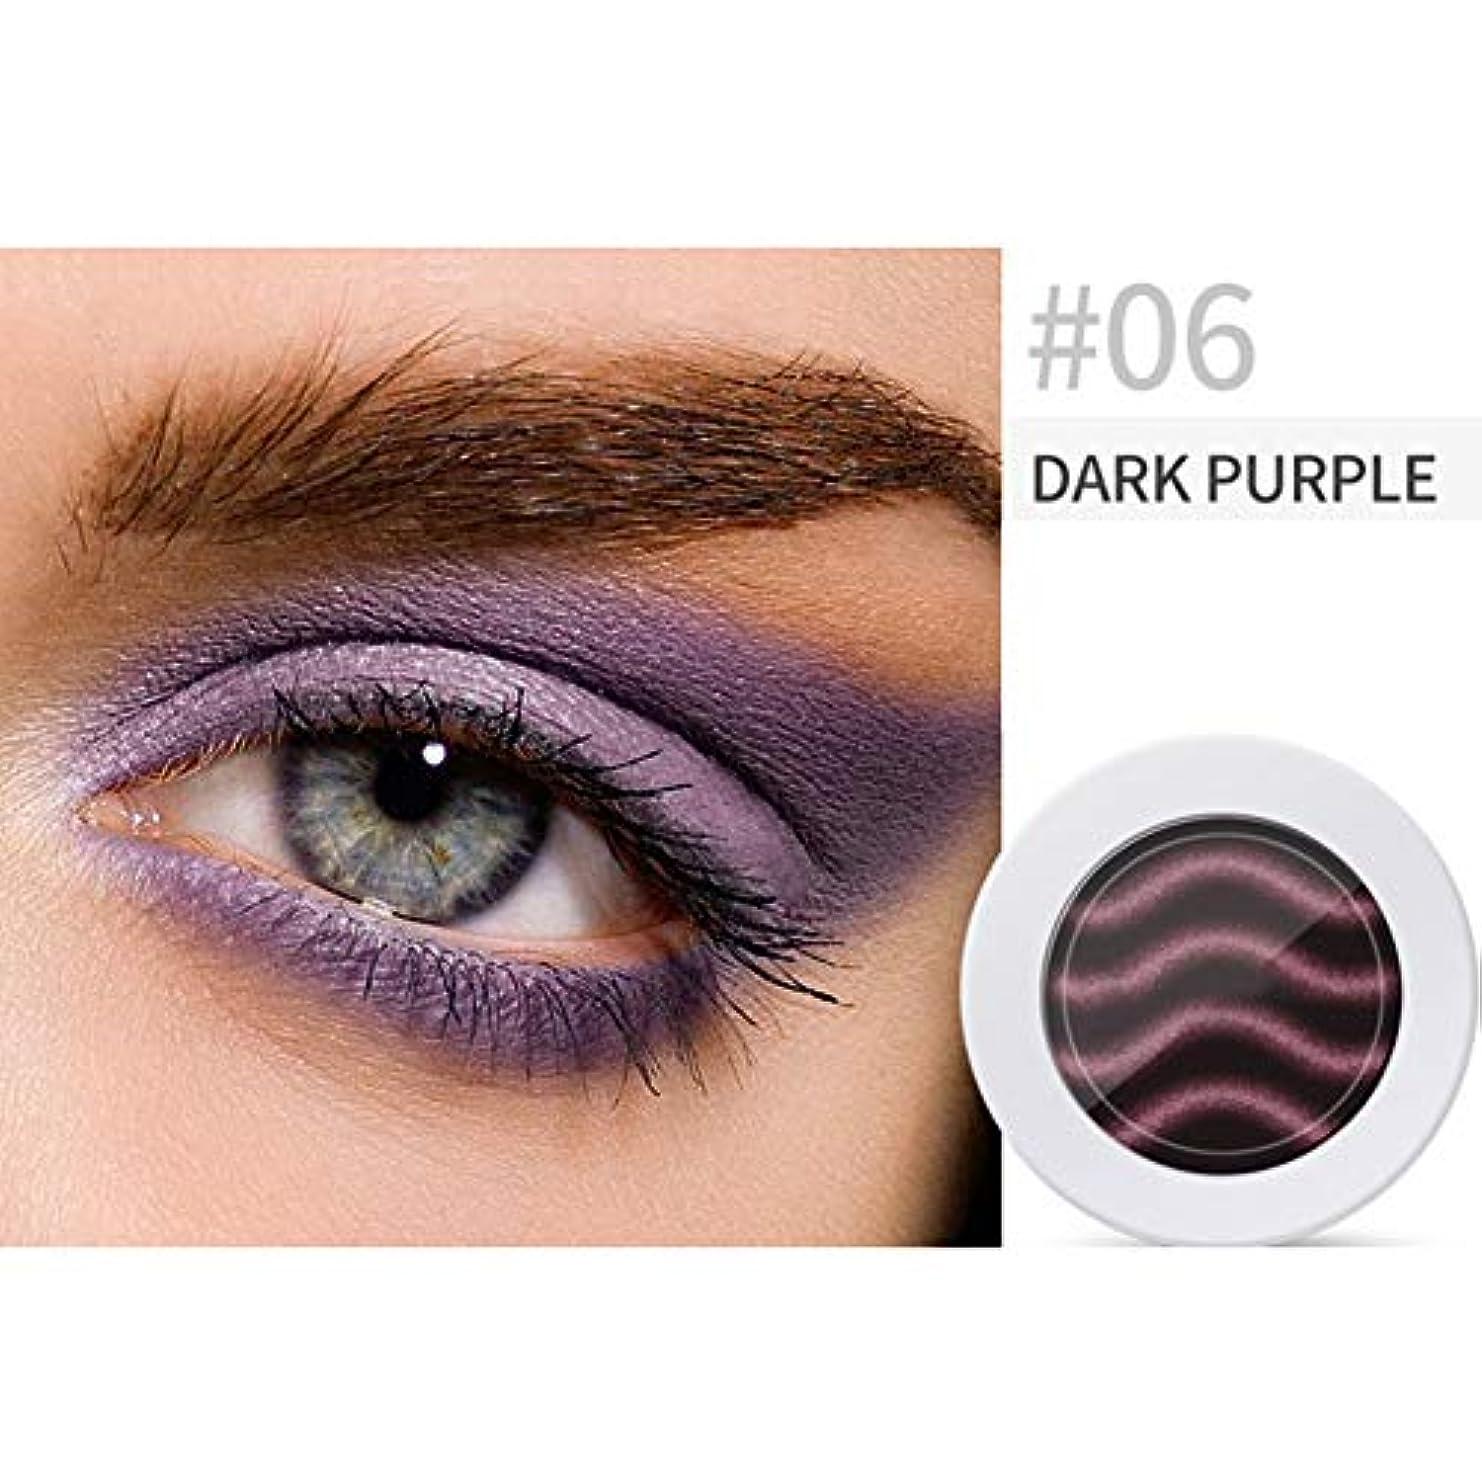 Rabugogo パールライトマットグラデーションアイシャドウコンターパウダーメイクアップツールフェイスハイライト 6#濃い紫